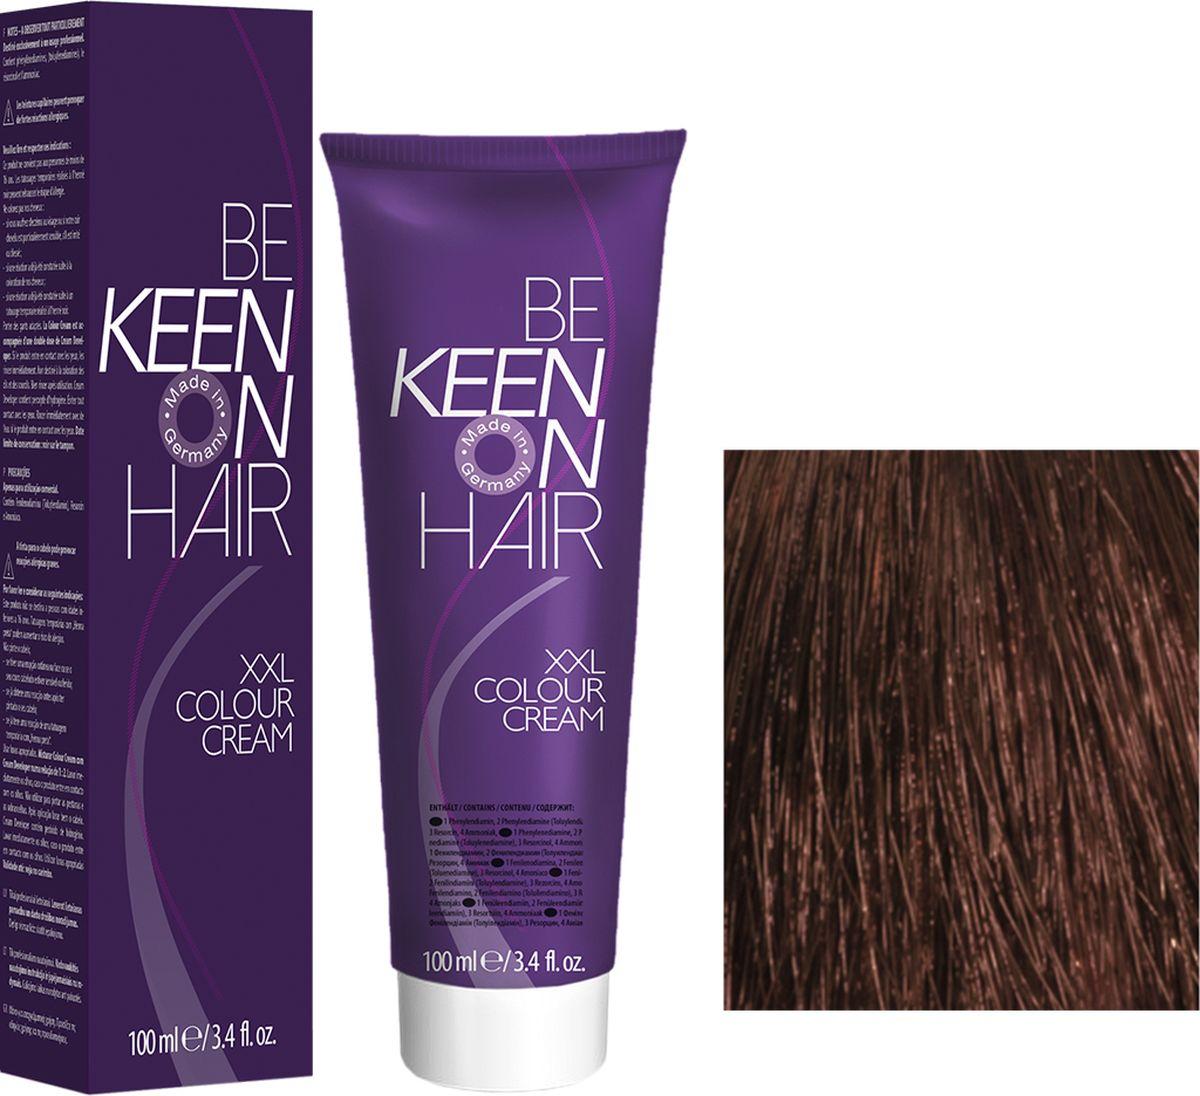 Keen Краска для волос 7.77 Капучино Cappuccino, 100 мл69100069Модные оттенкиБолее 100 оттенков для креативной комбинации цветов.ЭкономичностьПри использовании тюбика 100 мл вы получаете оптимальное соотношение цены и качества!УходМолочный белок поддерживает структуру волоса во время окрашивания и придает волосам блеск и шелковистость. Протеины хорошо встраиваются в волосы и снабжают их влагой.